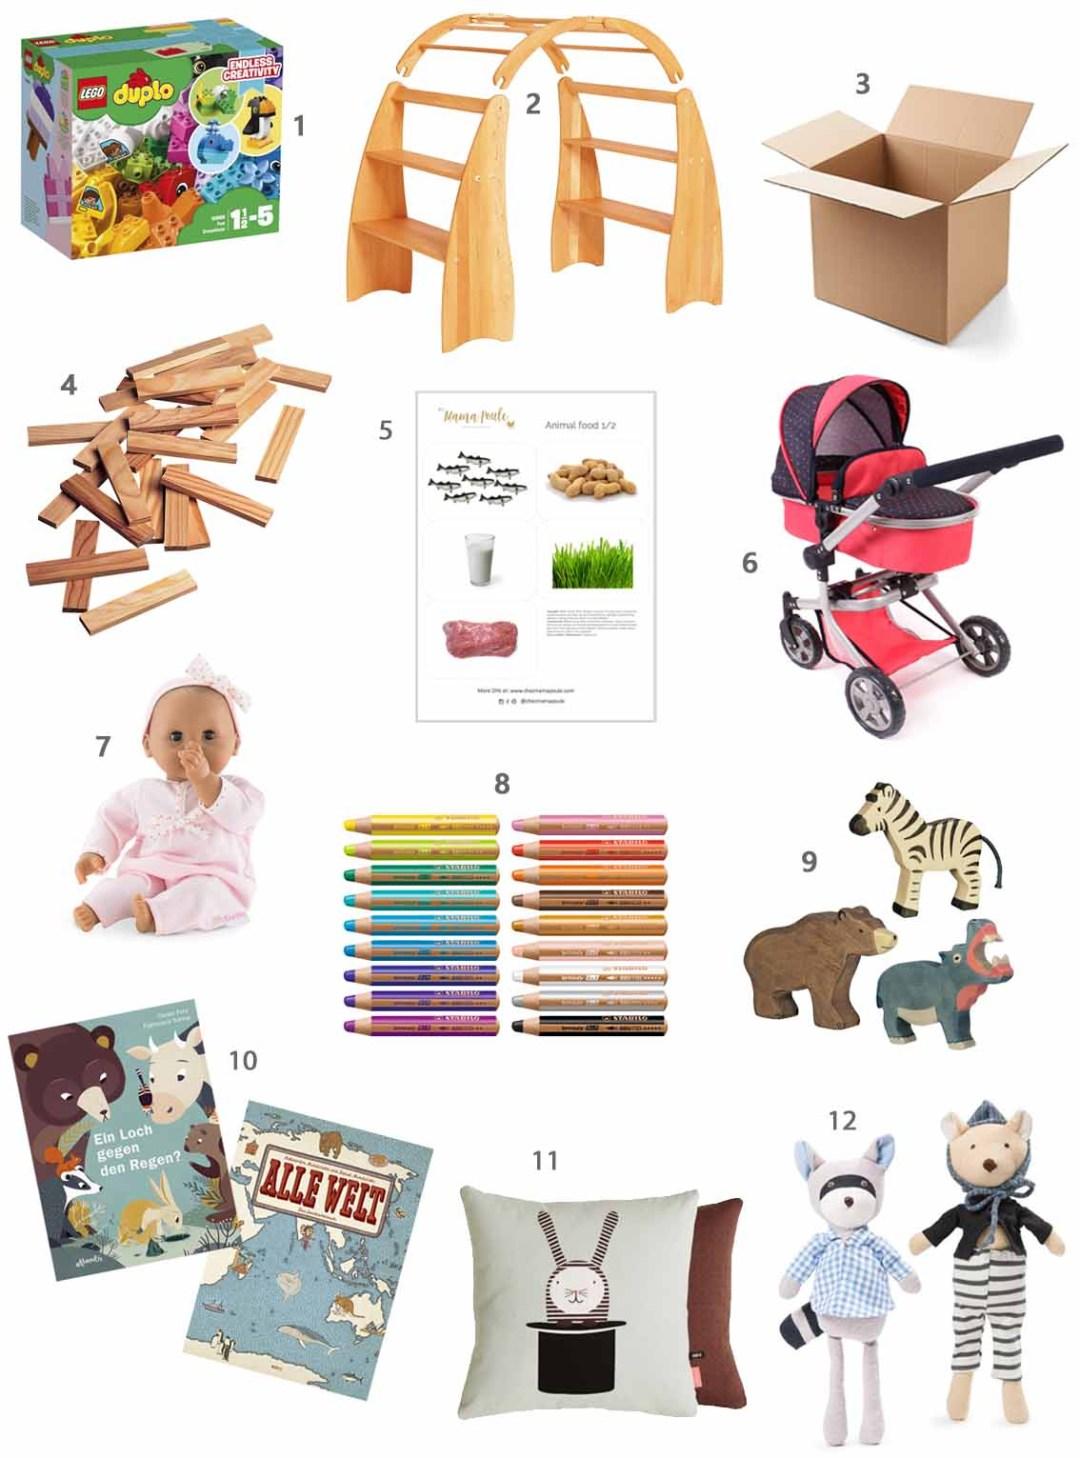 Wenn du nur ein Spielzeug für deine Kinder wählen könntest, was wäre das? Und warum? #spielzeug #spielsachen #holzspielzeug #spielständer #toys